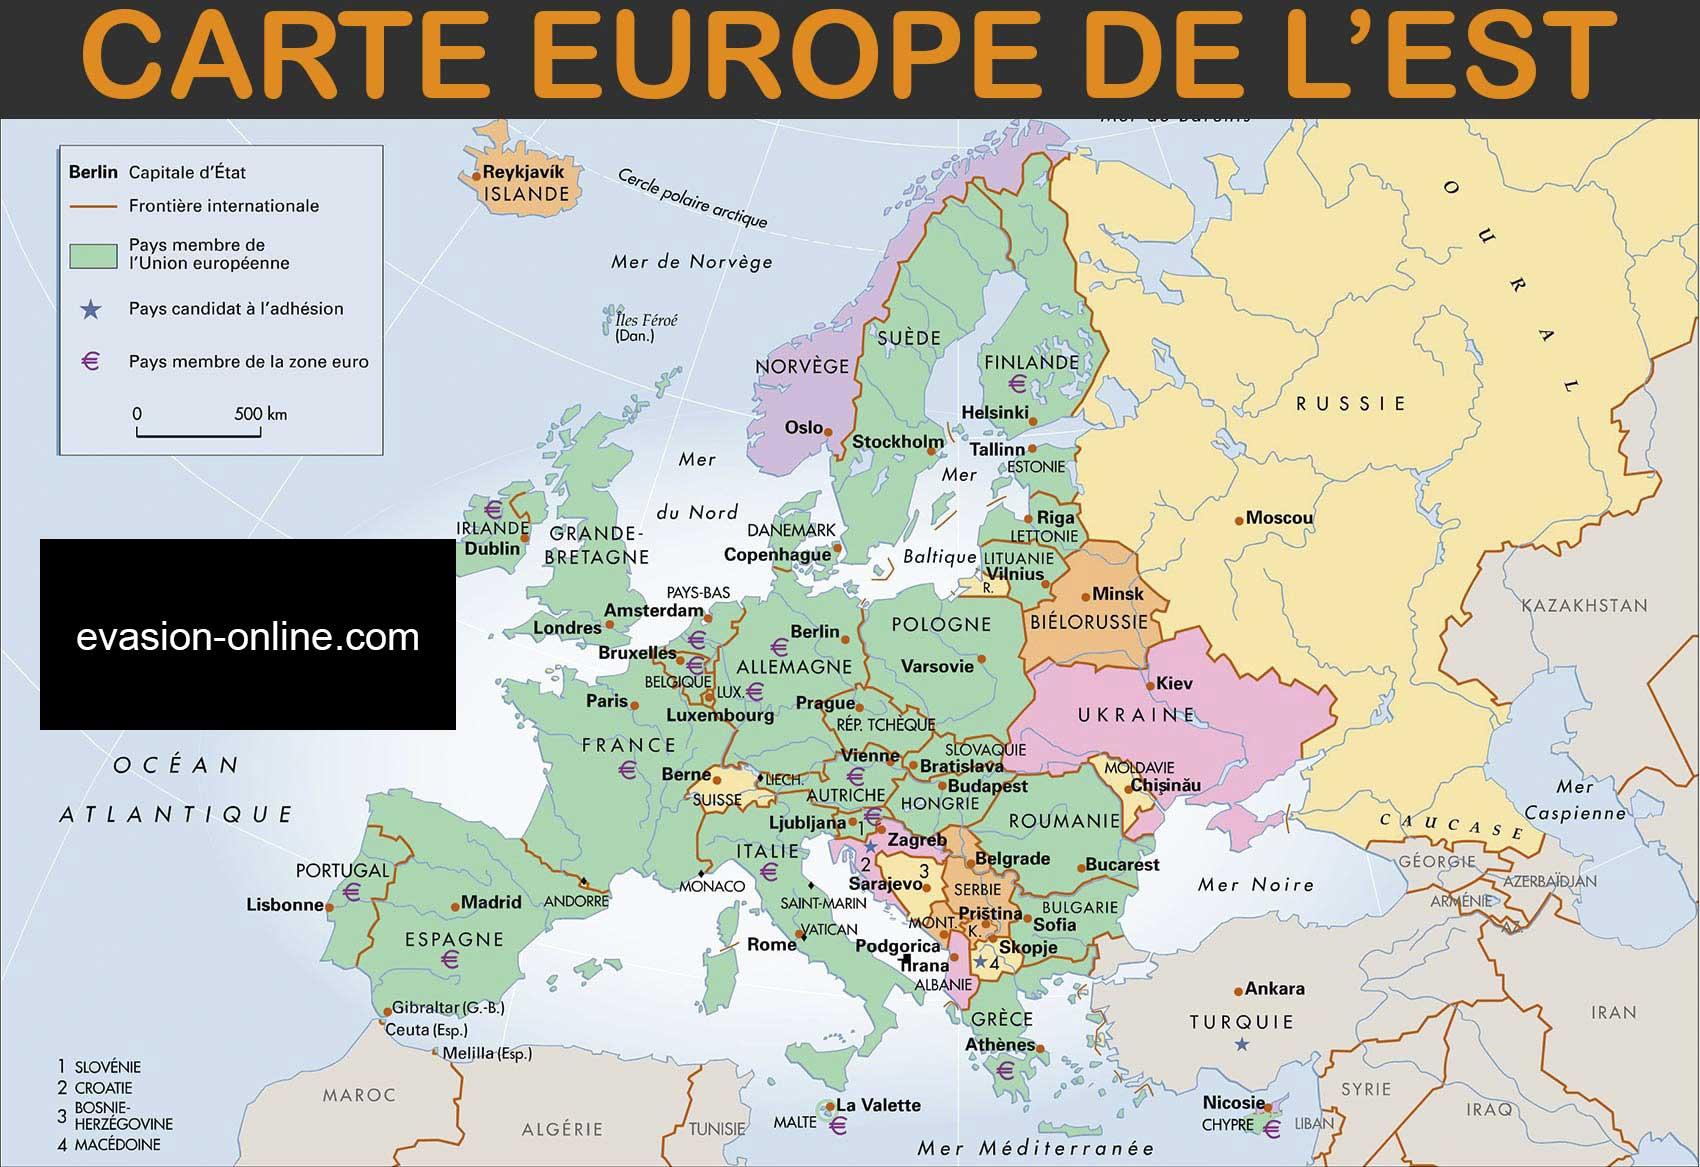 Carte Europe De L'est - Images » Vacances - Arts- Guides Voyages intérieur Pays Et Capitales D Europe